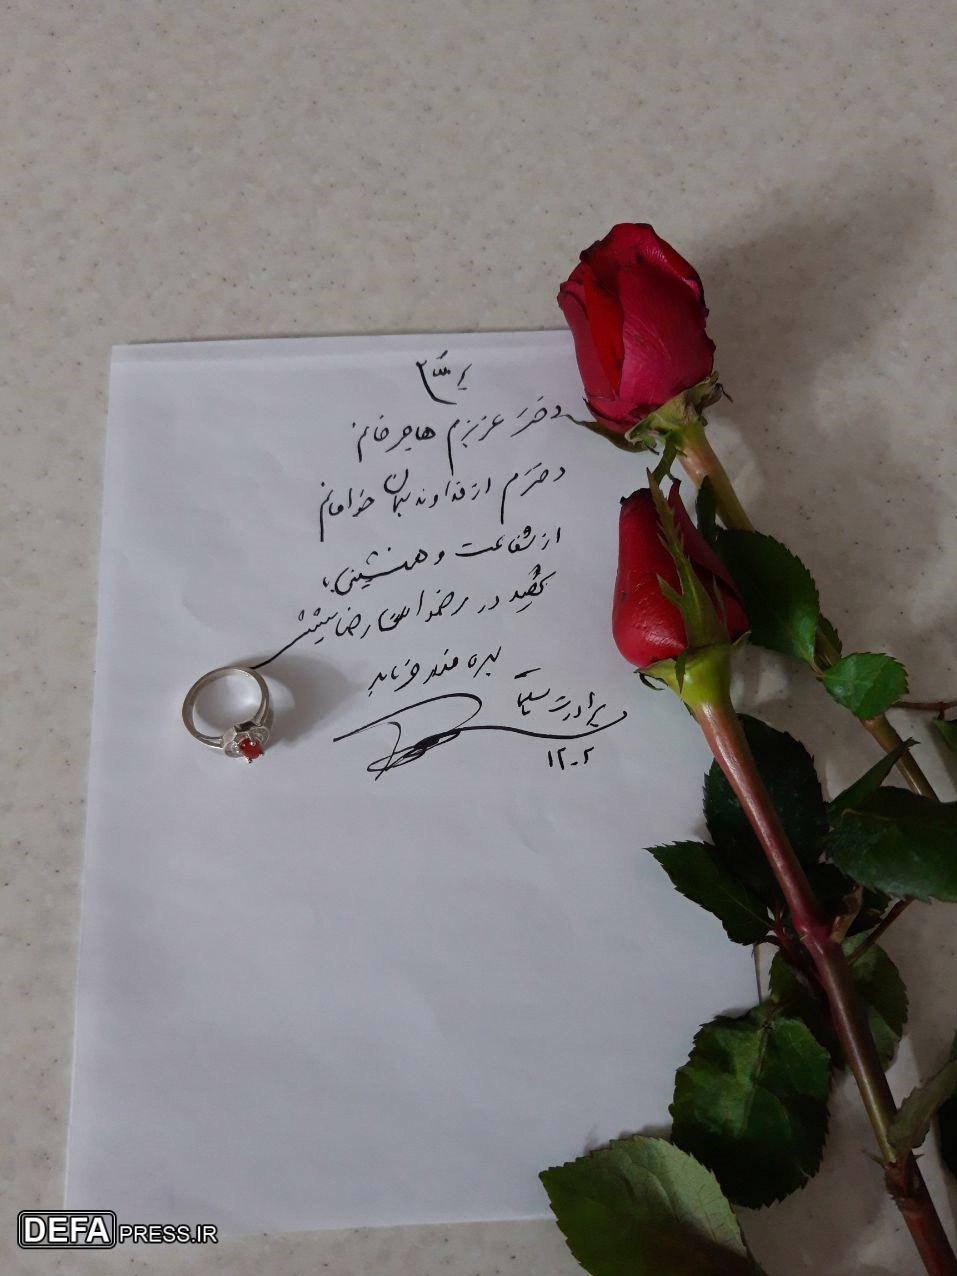 دستنوشته شهید حاج قاسم سلیمانی خطاب به همسر شهید «سید رضا طاهر» + عکس